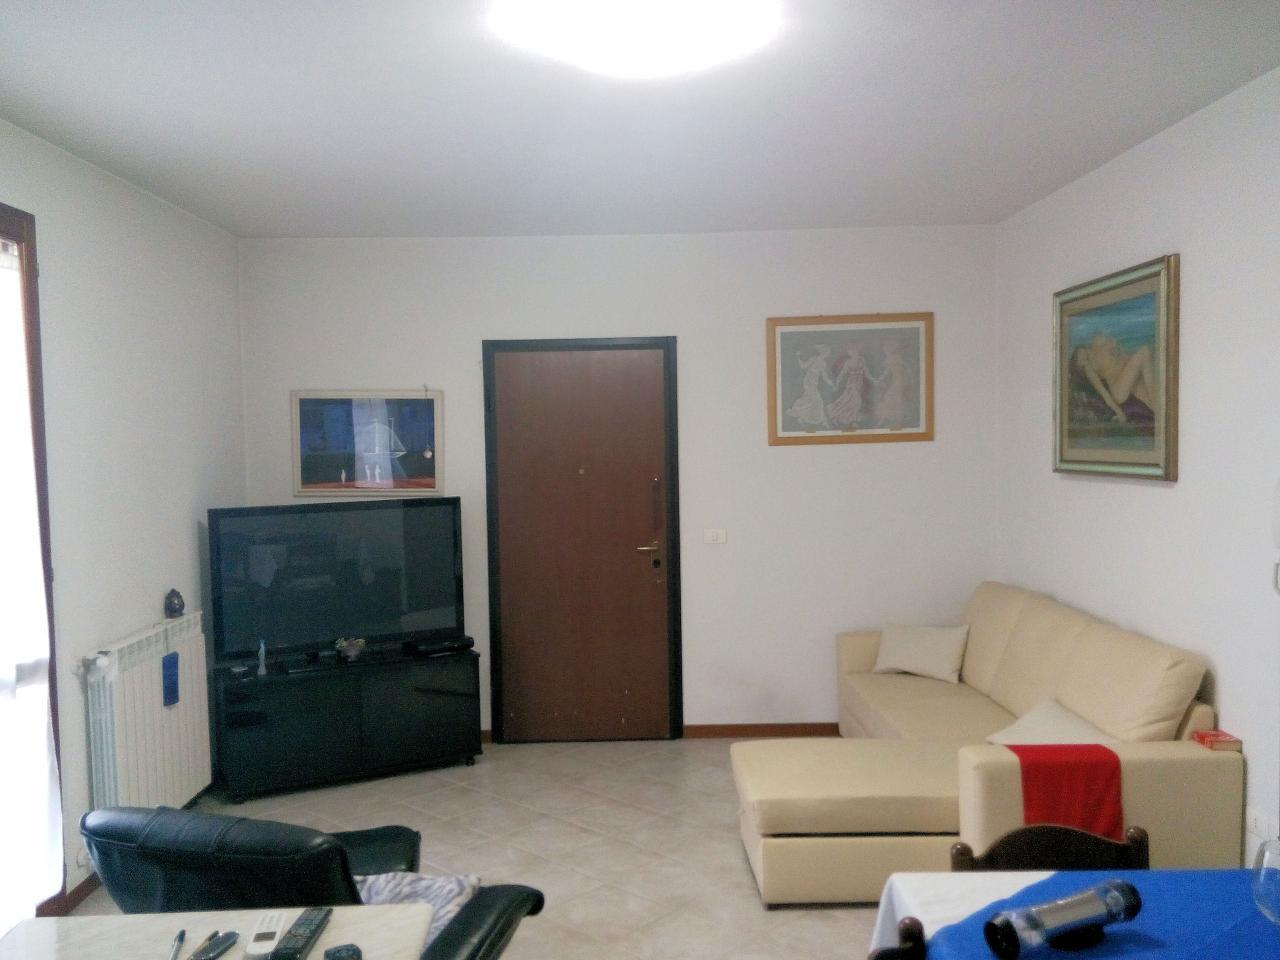 Appartamento in vendita a Altopascio, 3 locali, zona Località: BadiaPozzeveri, prezzo € 95.000 | Cambio Casa.it